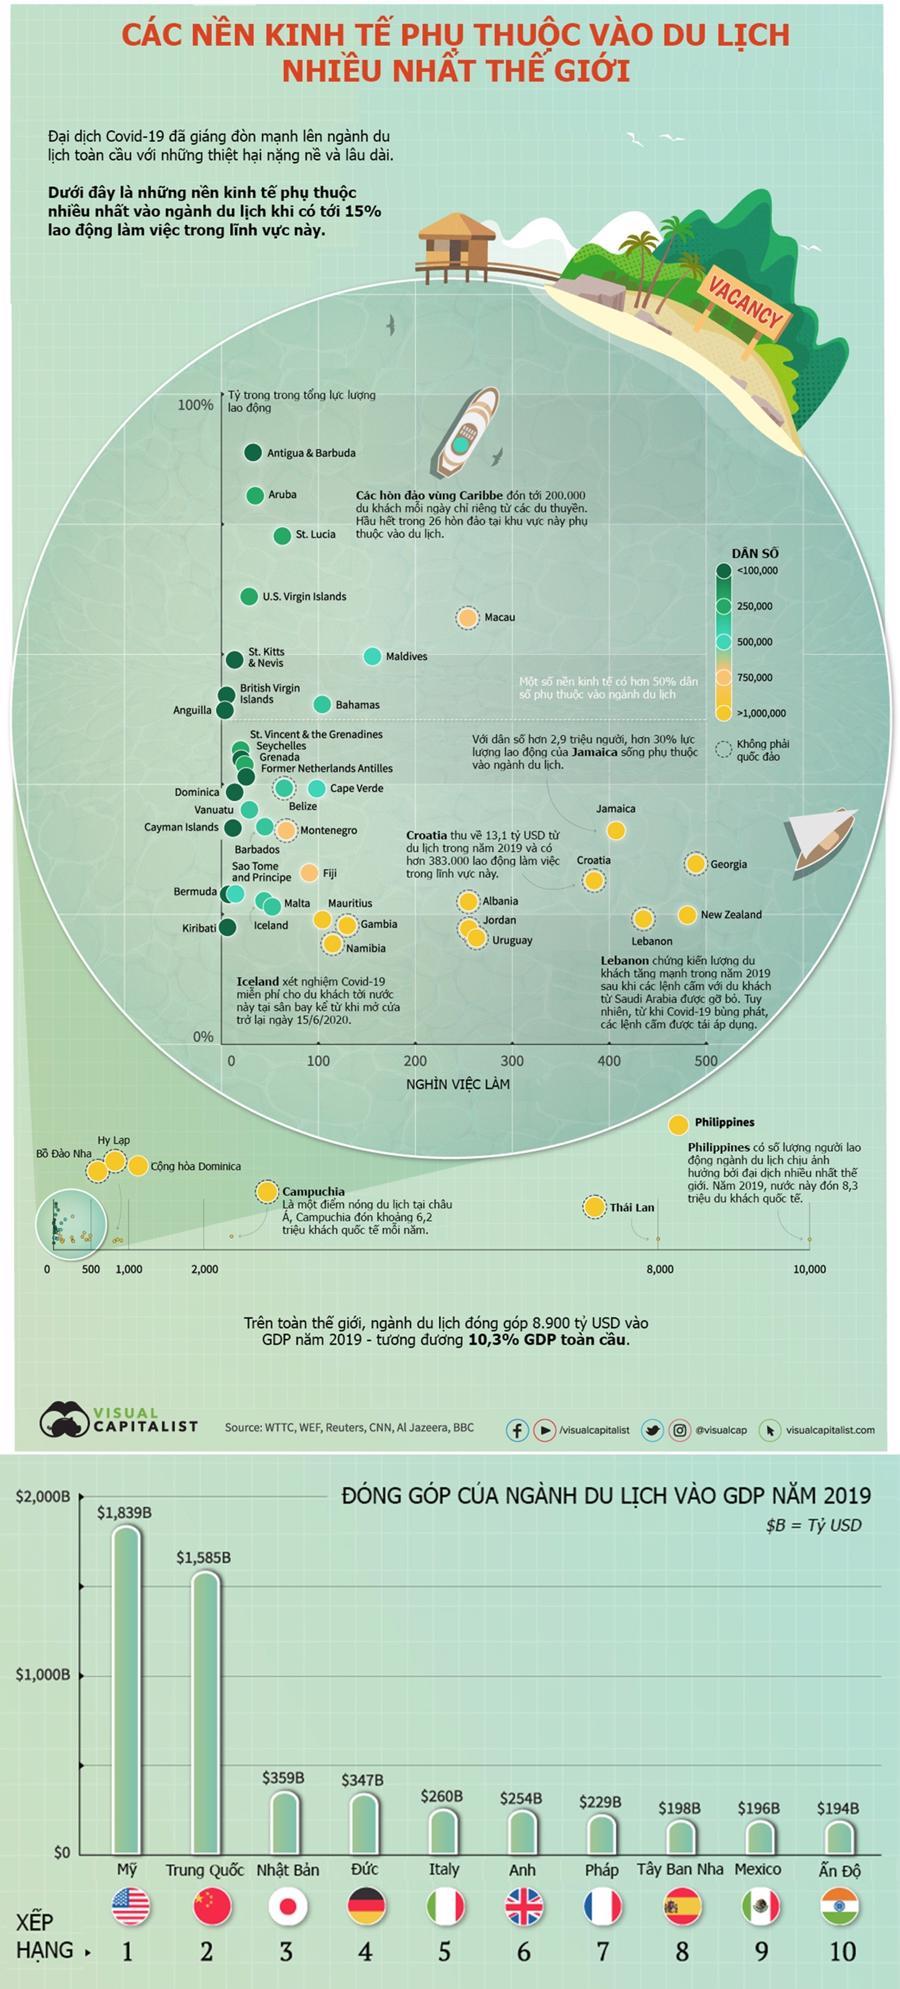 Nền kinh tế nào phụ thuộc vào du lịch nhiều nhất thế giới? - Ảnh 1.